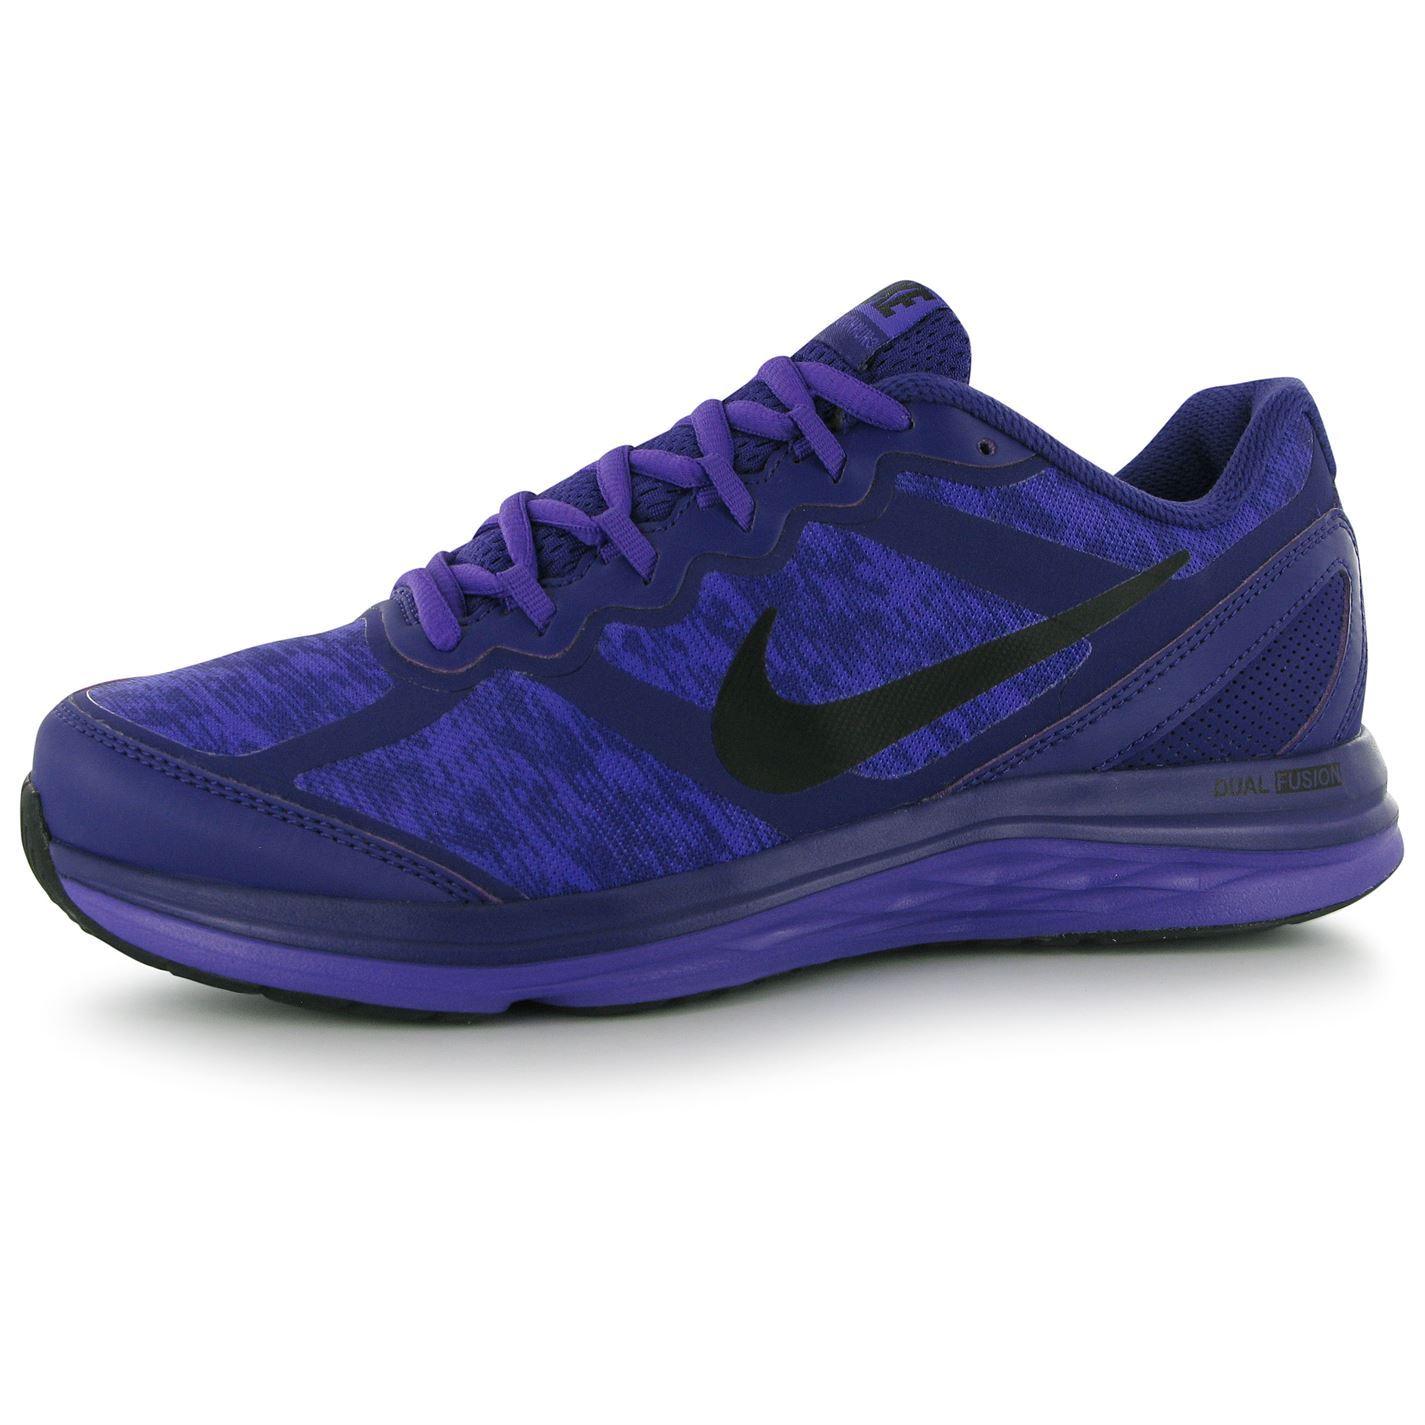 Nike Dual Fusion Run 3 Womens Running Shoes Trainers ...